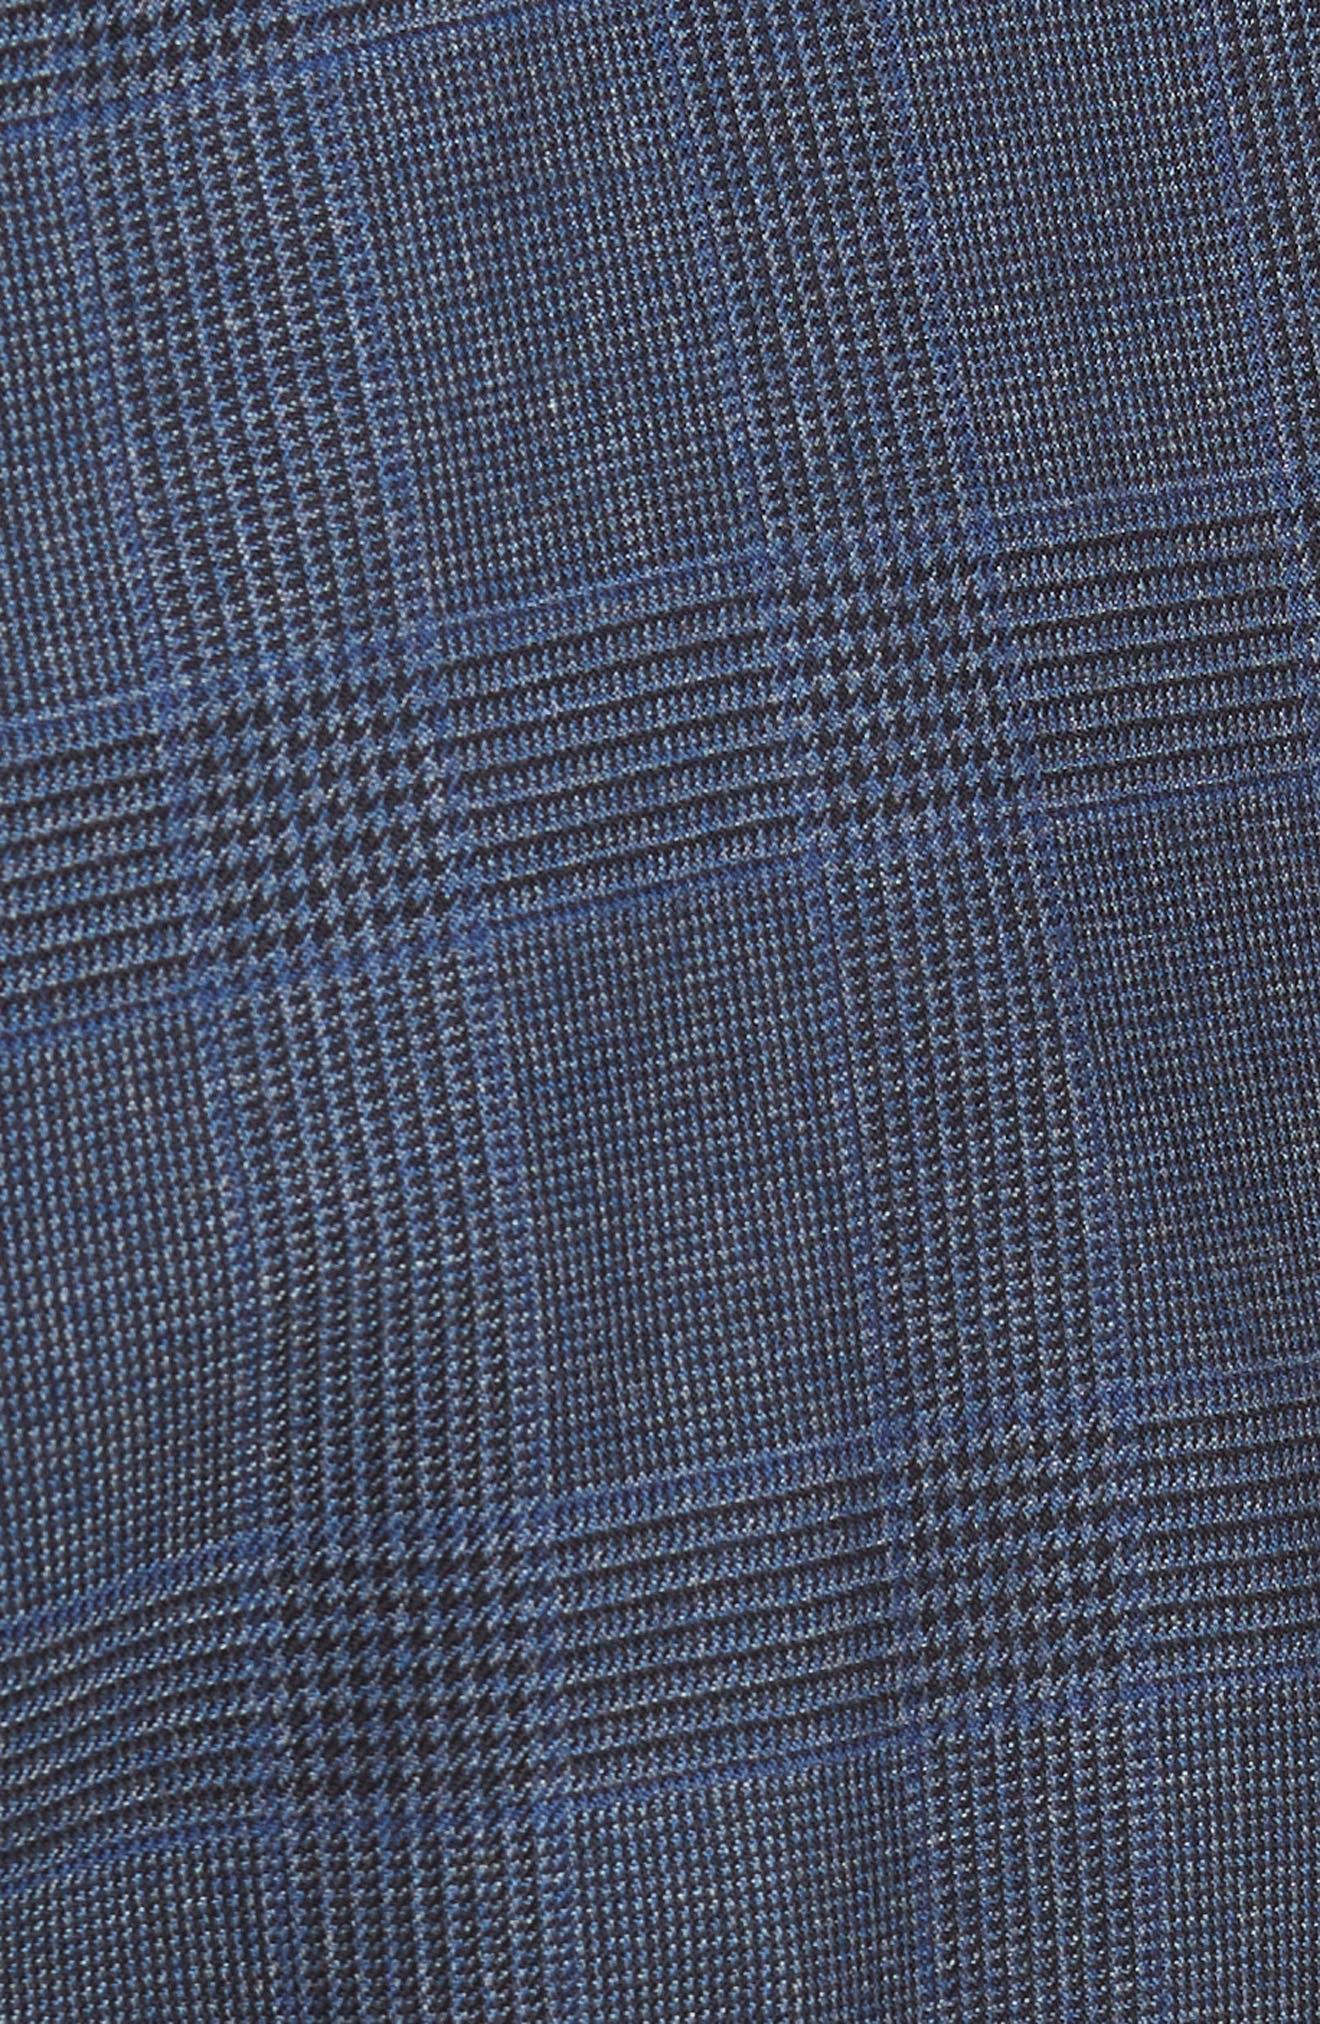 Ludlow Trim Fit Glen Plaid Wool Pants,                             Alternate thumbnail 5, color,                             Baltic Blue